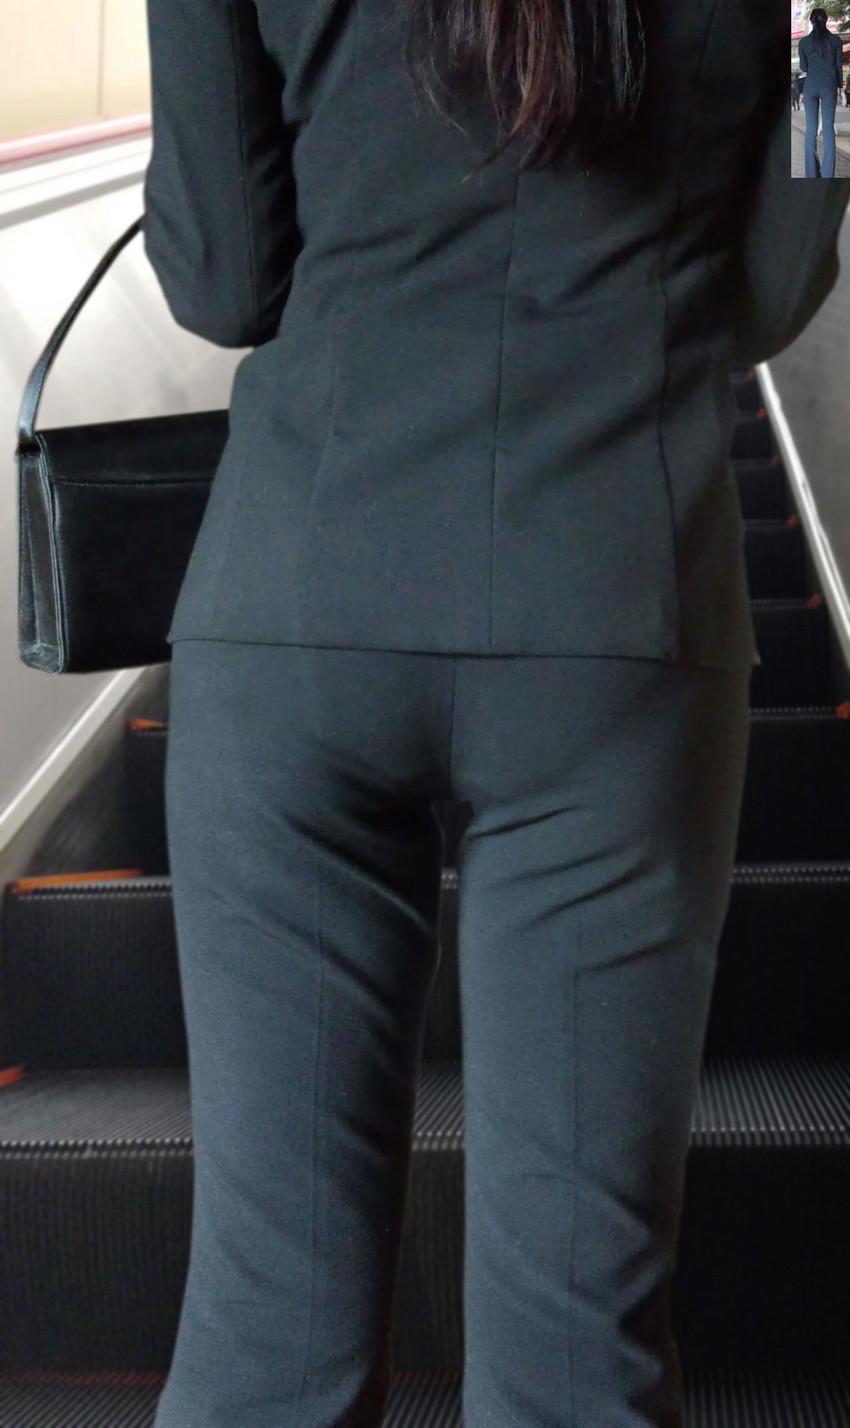 【パンツスーツOLエロ画像】パンツスーツOLのデカ尻から浮かび上がるパンティーラインが一番美しい!ww仕事や休憩中のOLのパン線を隠し撮りしたパンツスーツOLのエロ画像集!ww【80枚】 79